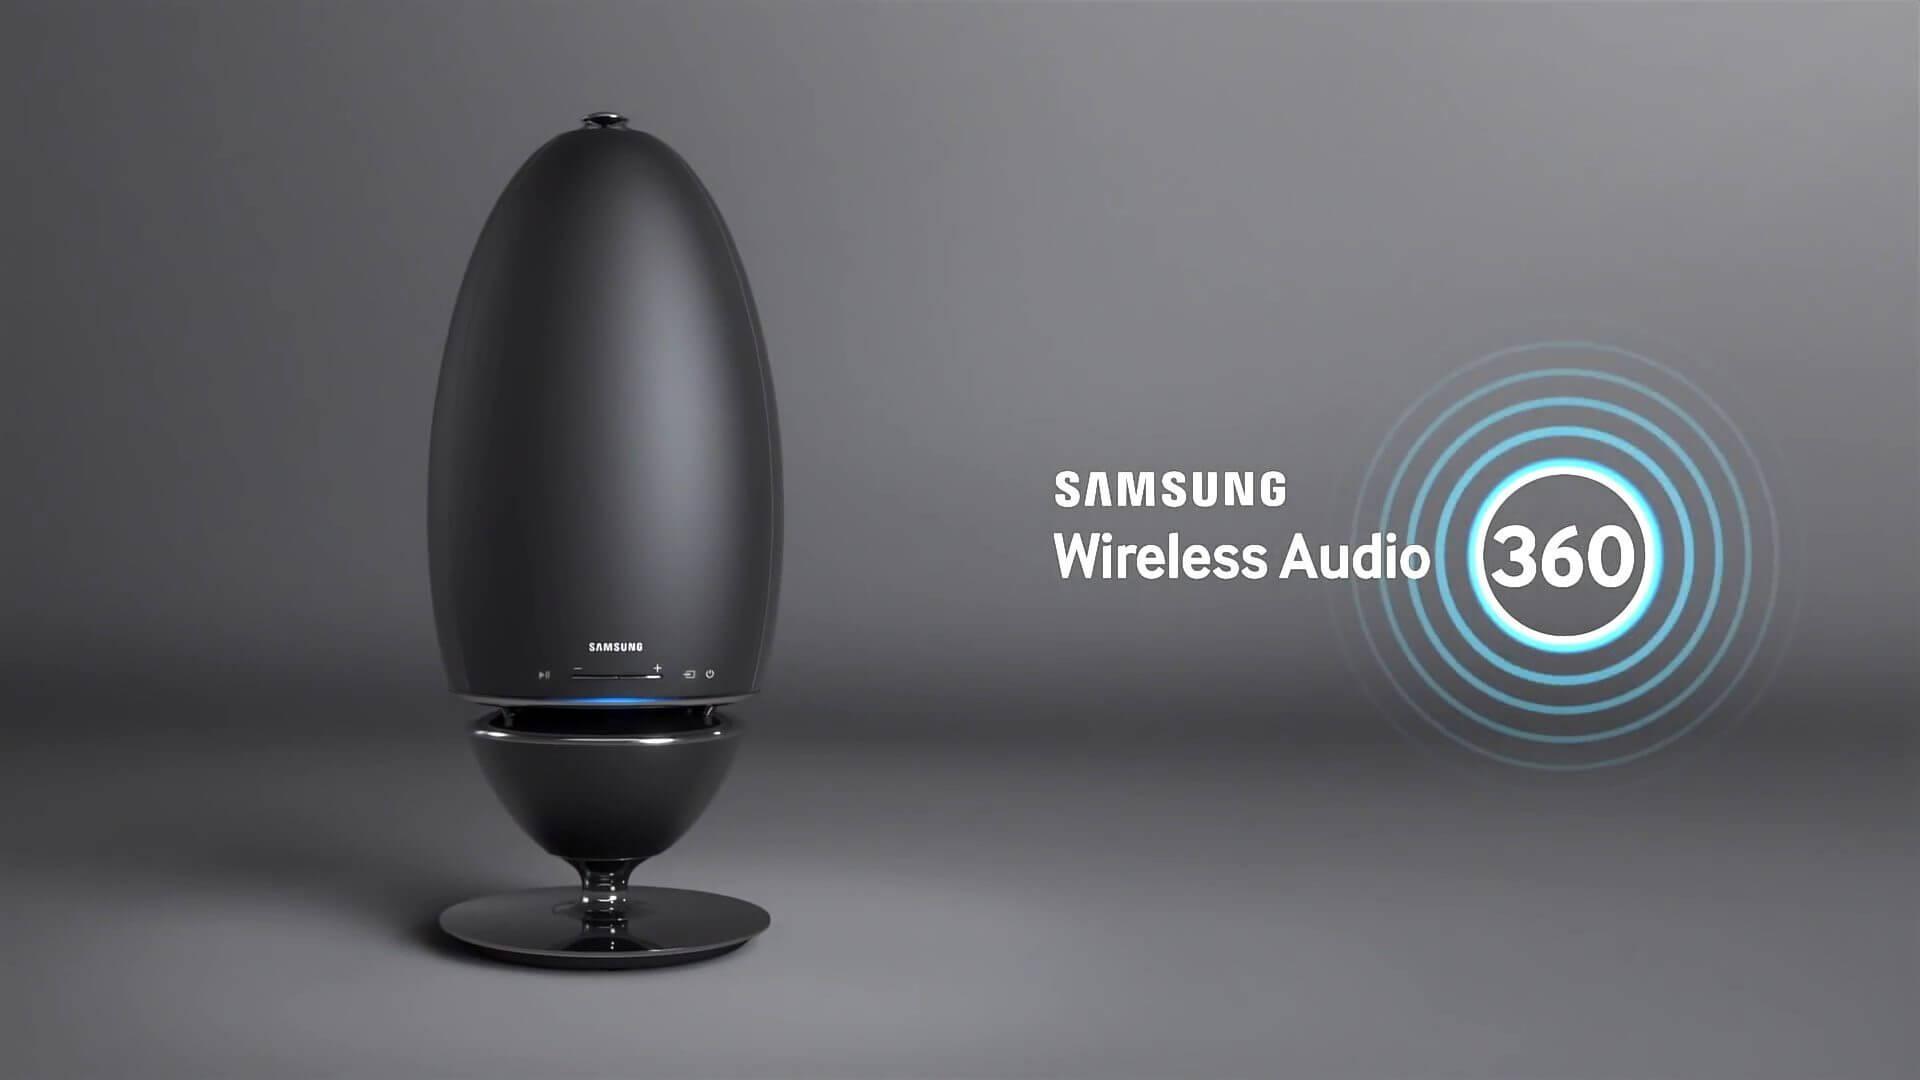 smt wirelessaudio360 capa - Já ouviu falar de som em 360 graus? Confira o Wireless Audio 360, novo lançamento da Samsung